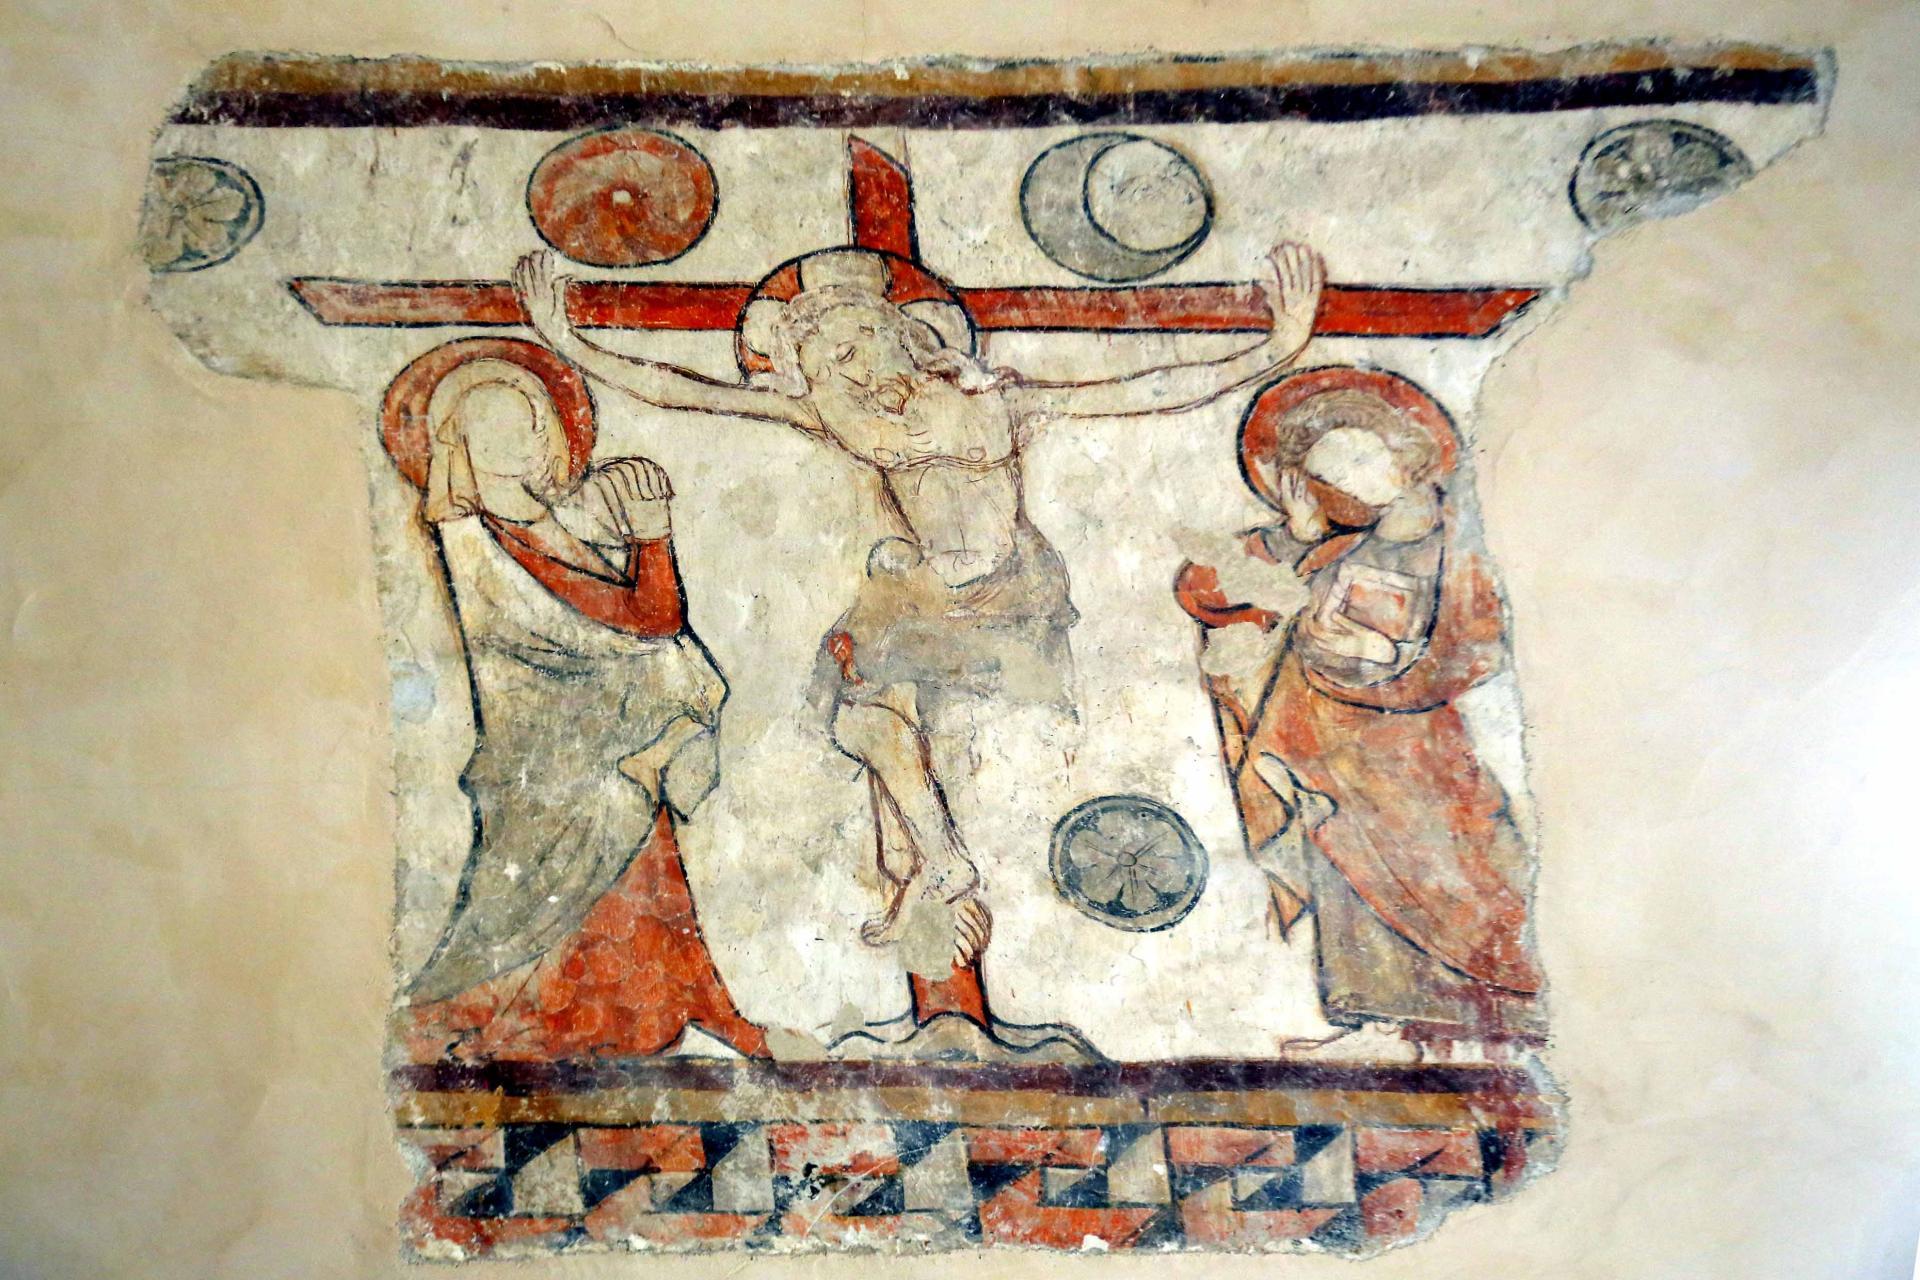 Eglises peintes db saulcet 2